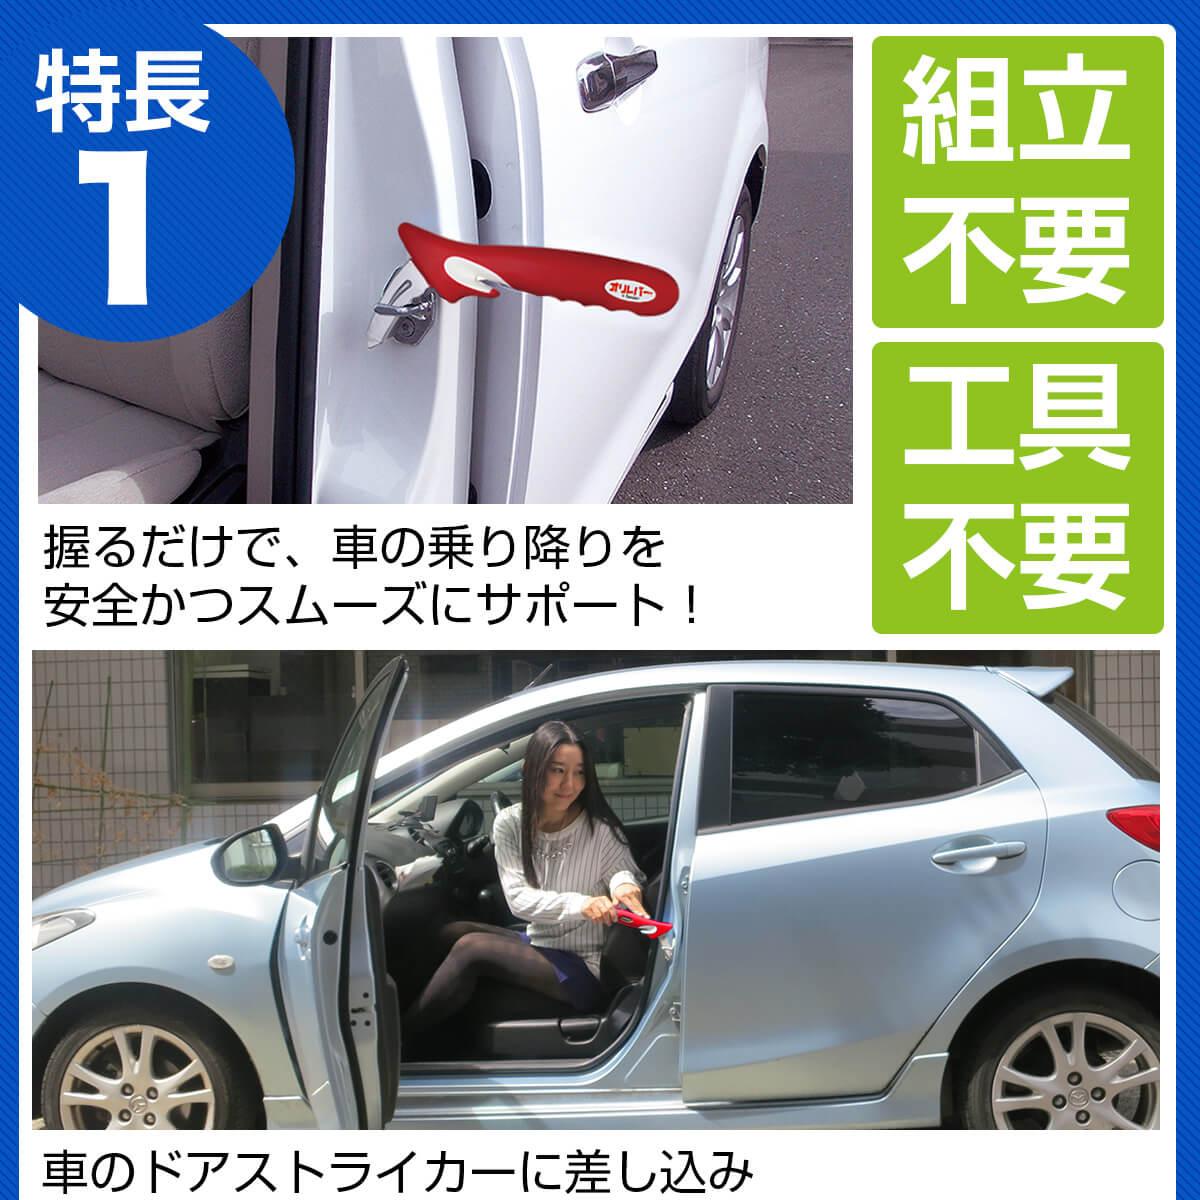 乗り降り 車 レバー ハンドル 支え オリレバー ドアに差し込んで 握るだけ 乗り降り 介護 介助 サポート安全 カーツール 脱出用ハンマー